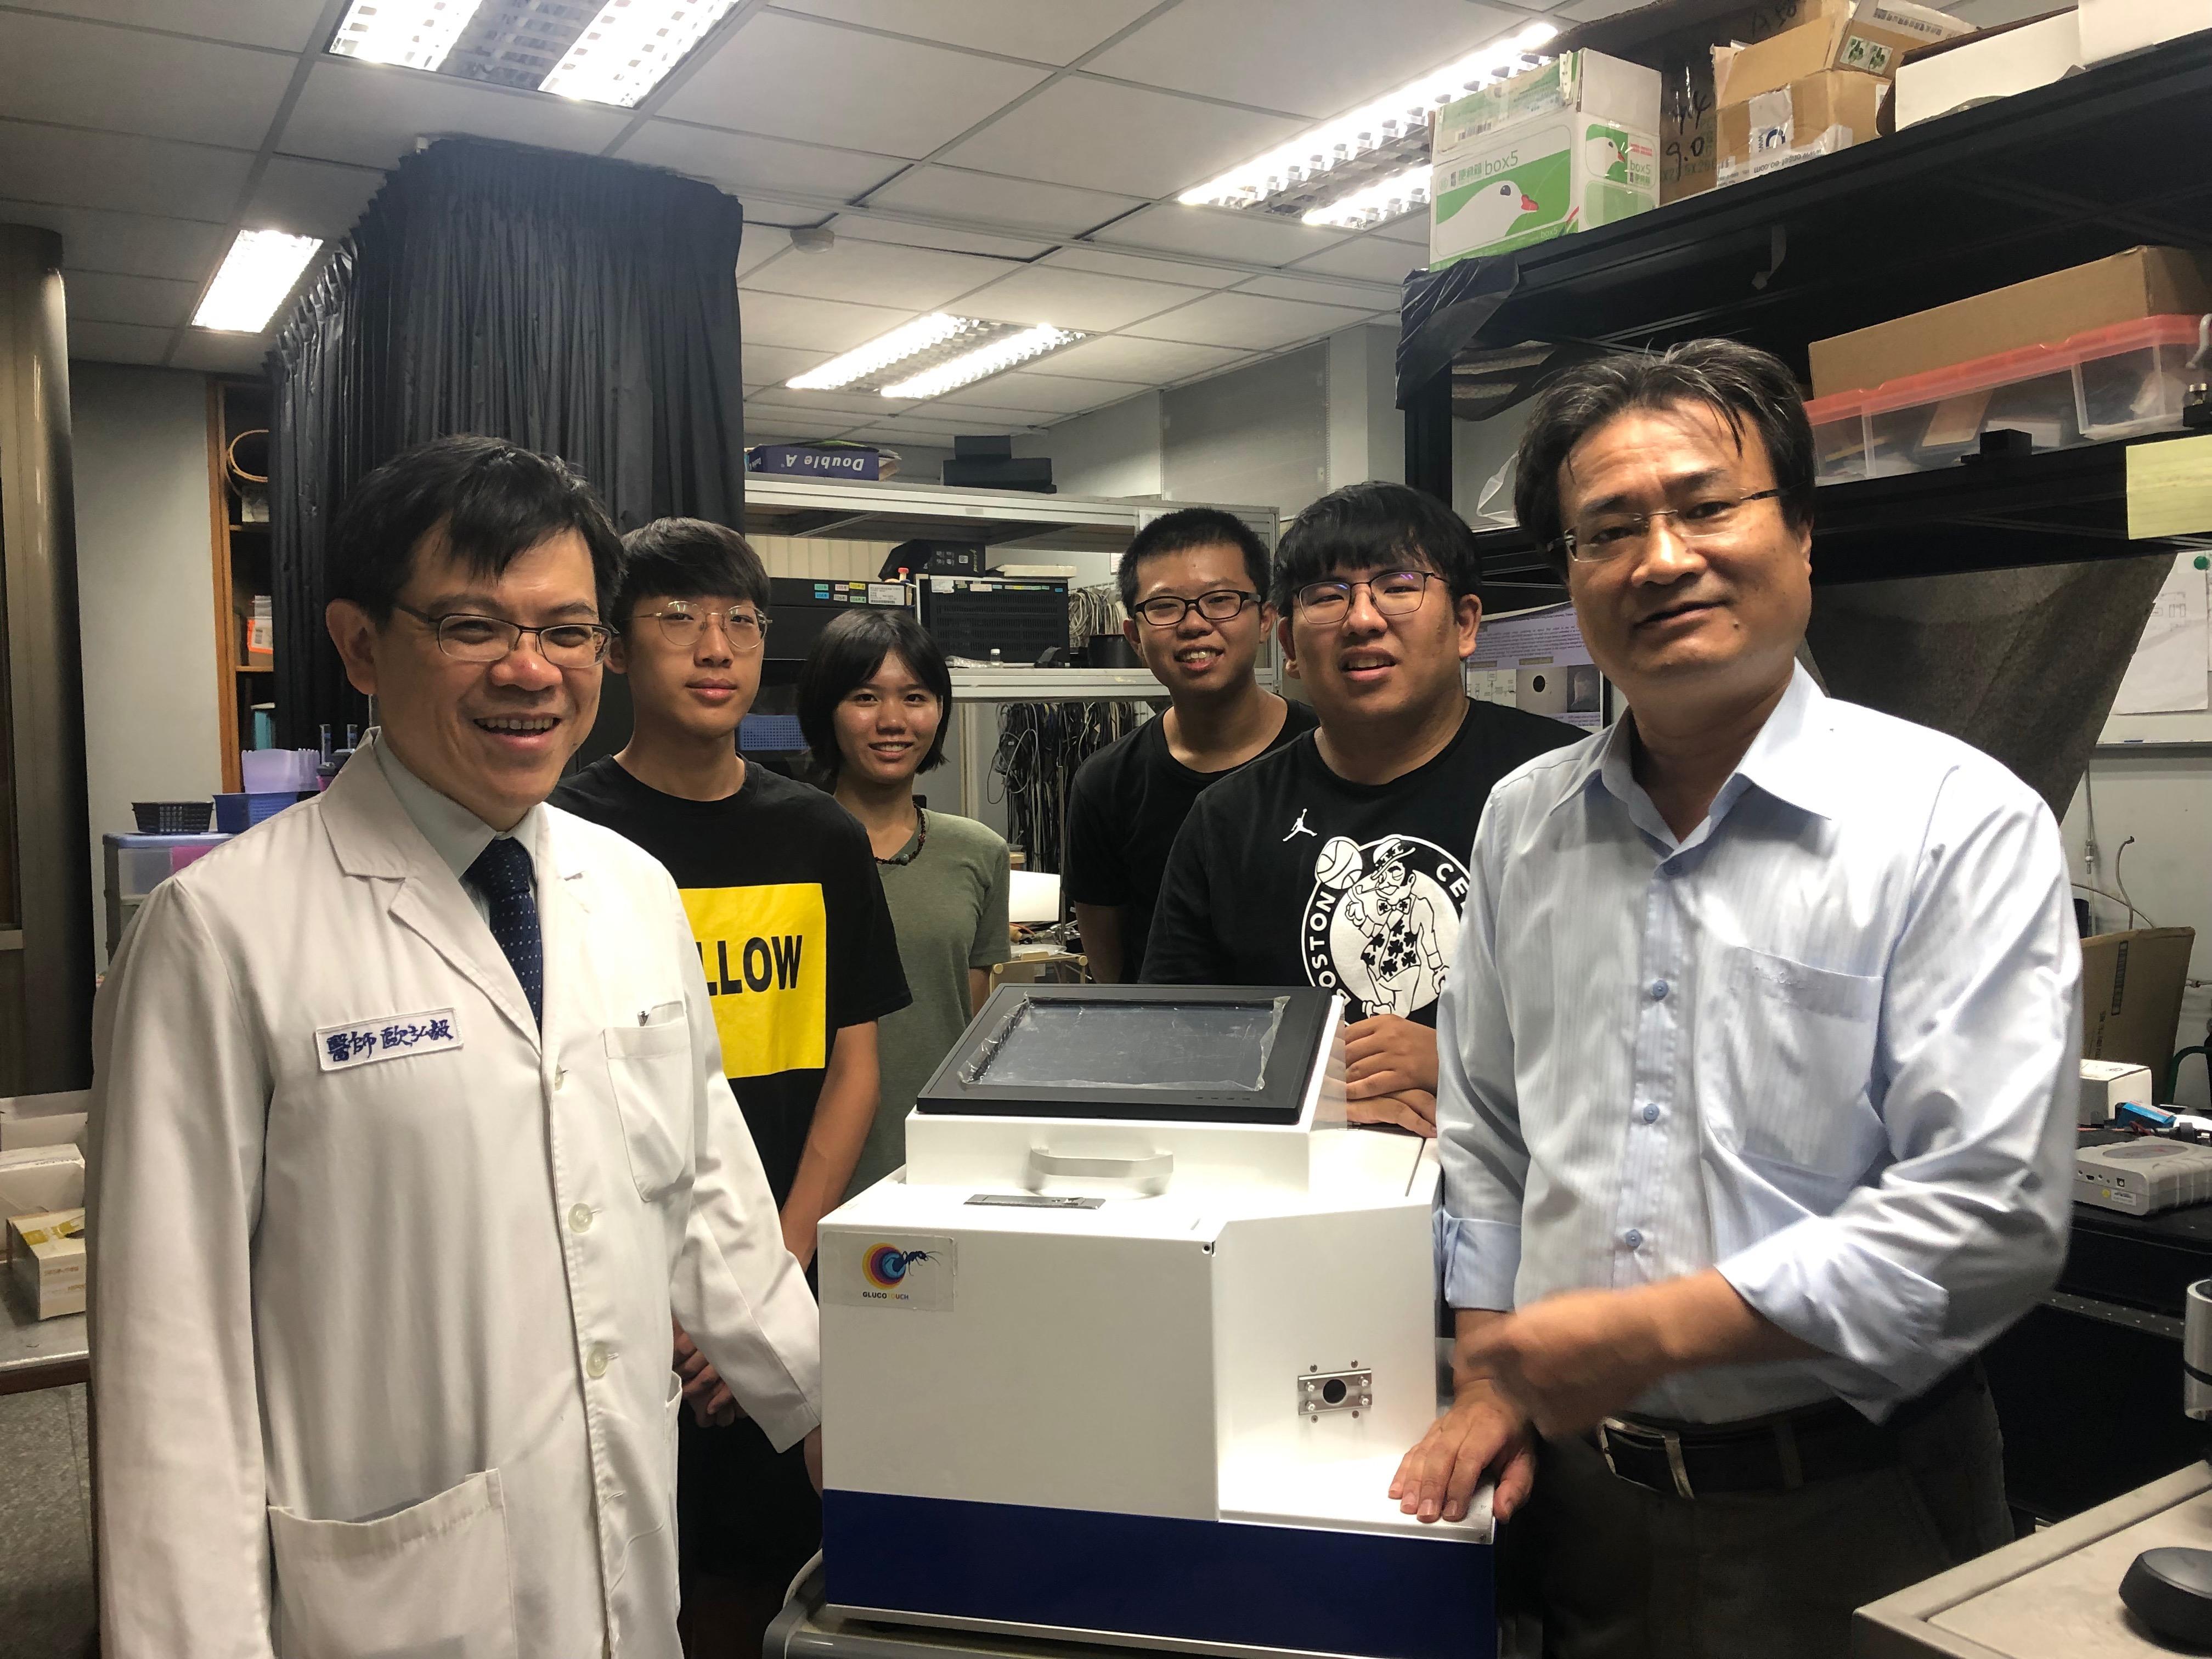 團隊於成大機械系實驗室合照